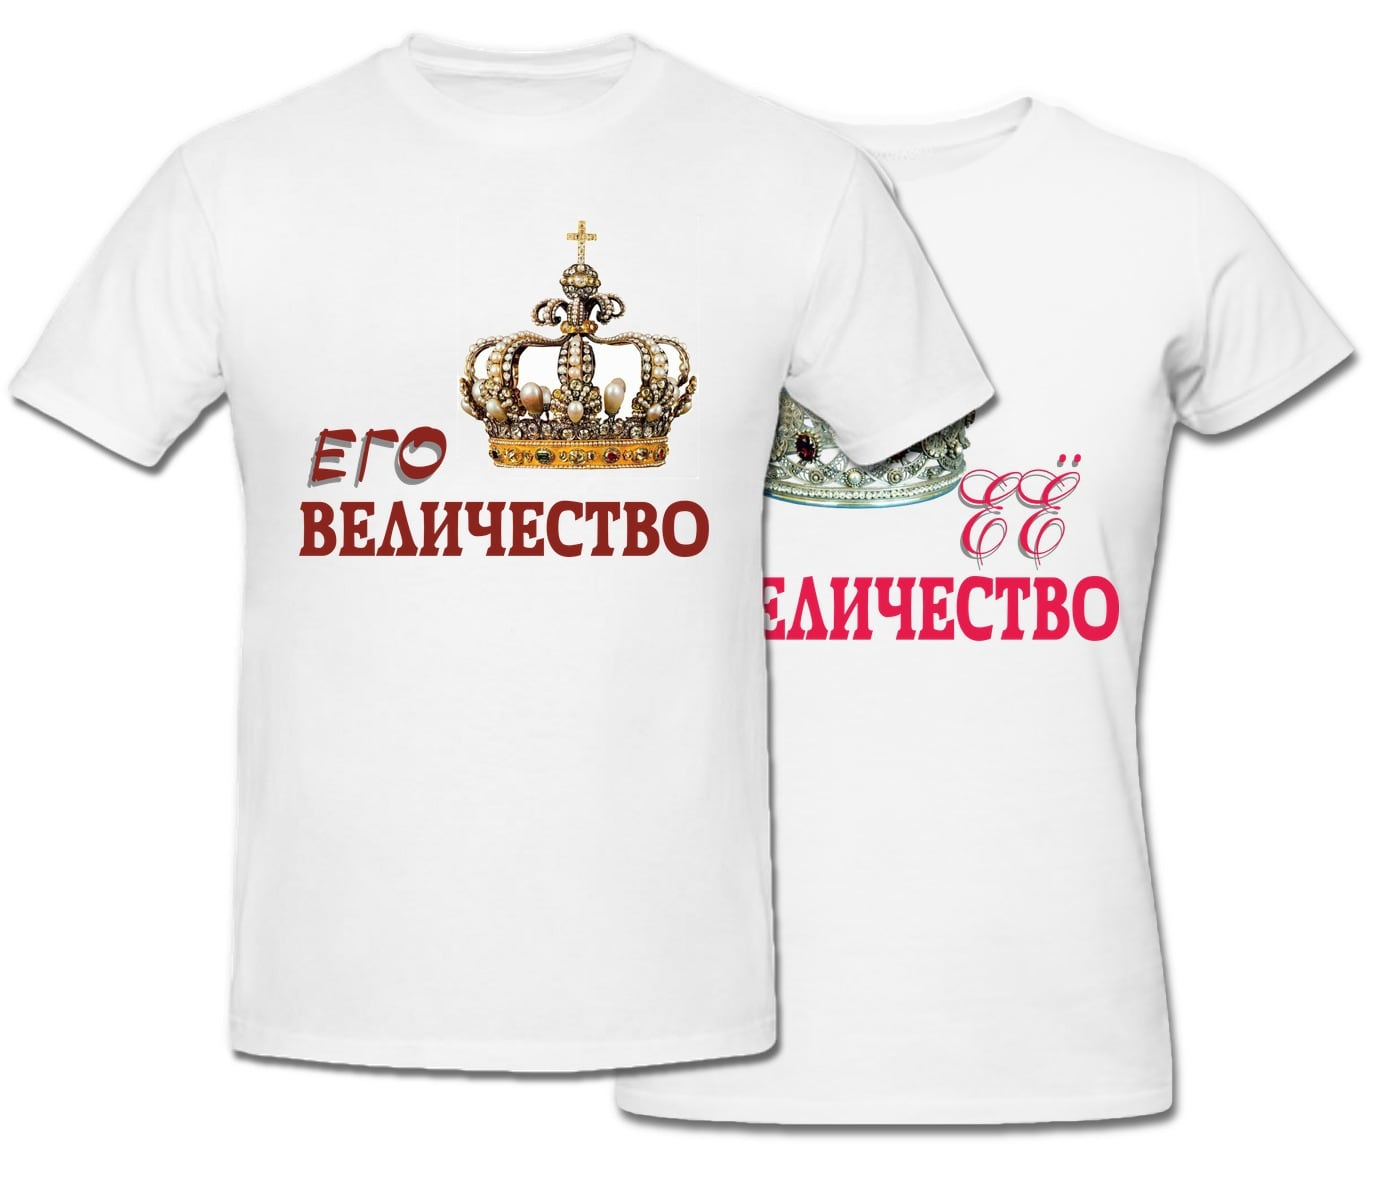 Комплект прикольных парных футболок с принтом *Их Величество*